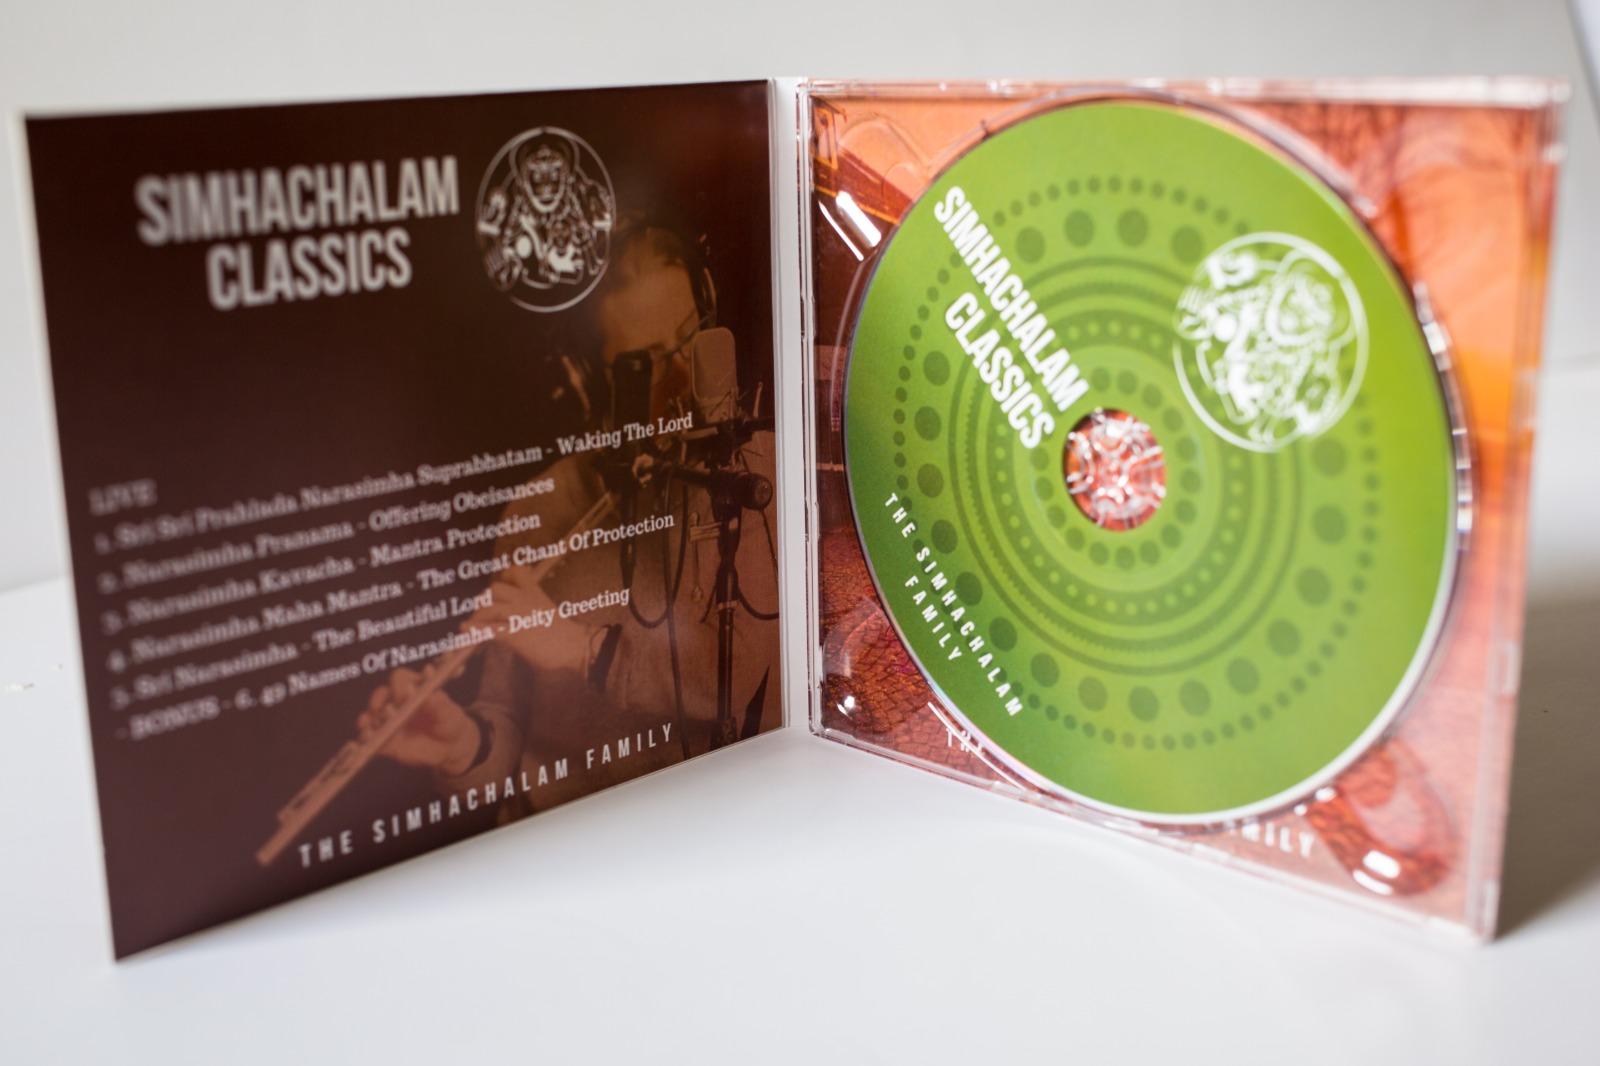 Simhachalam Classics